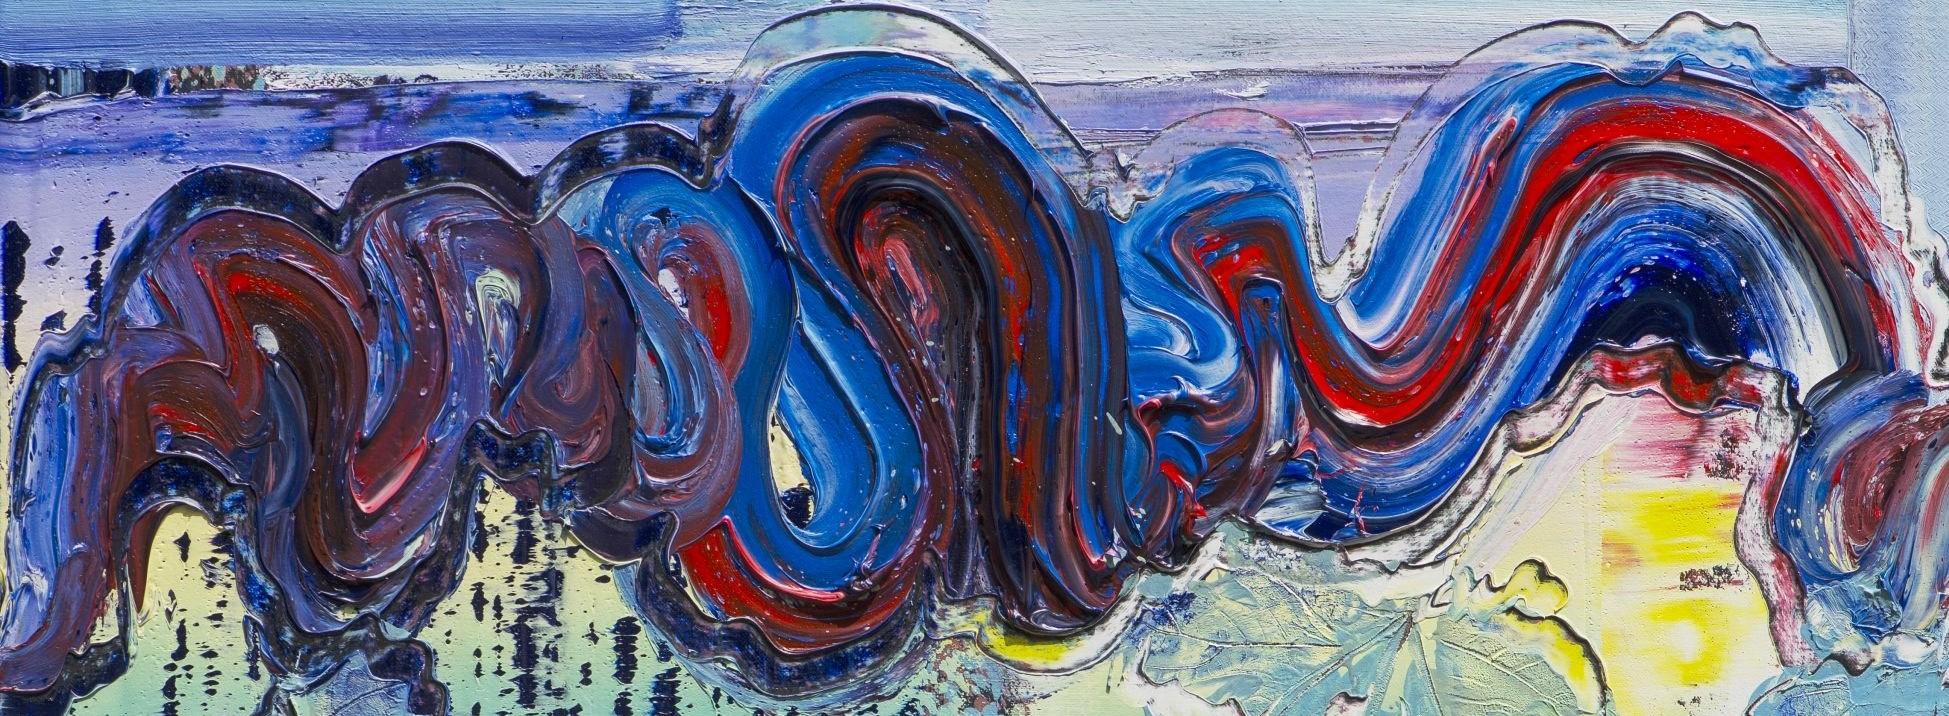 Detail aus Brixy, Werkserie Horizon, 2019,80 x 80 cm